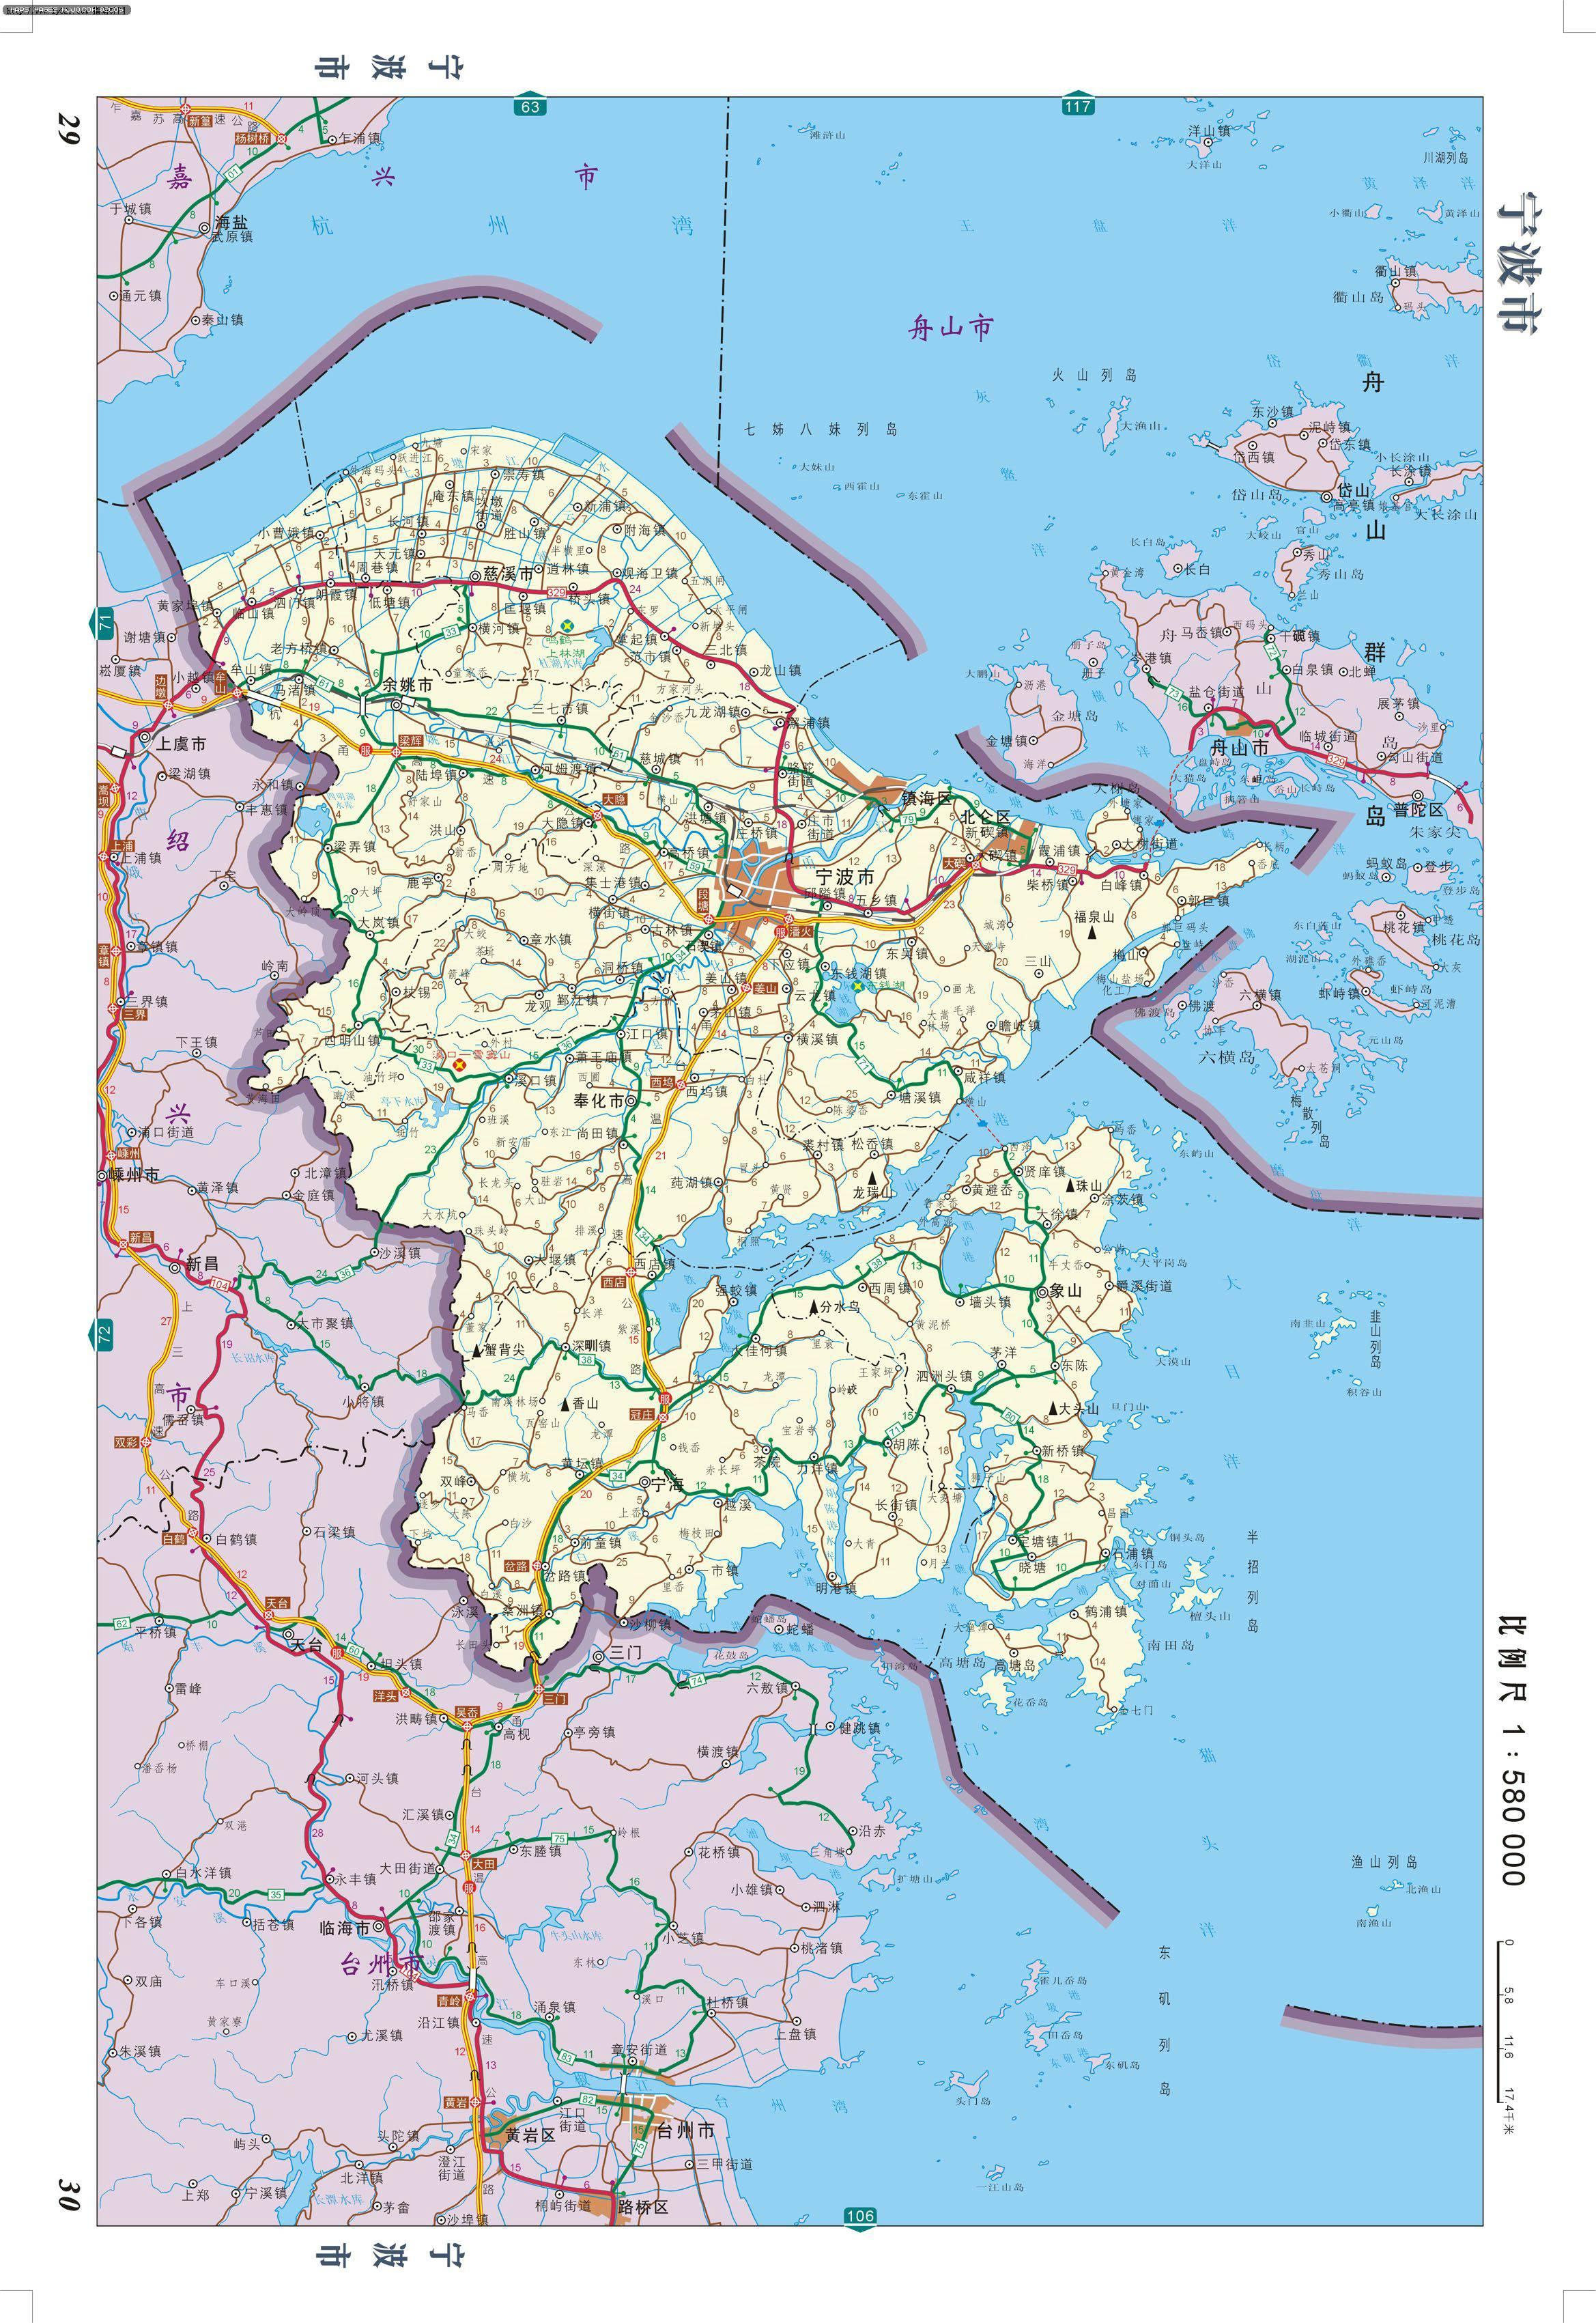 寧波市交通公路圖 - 浙江旅遊地圖 中國地圖 - 美景旅遊網